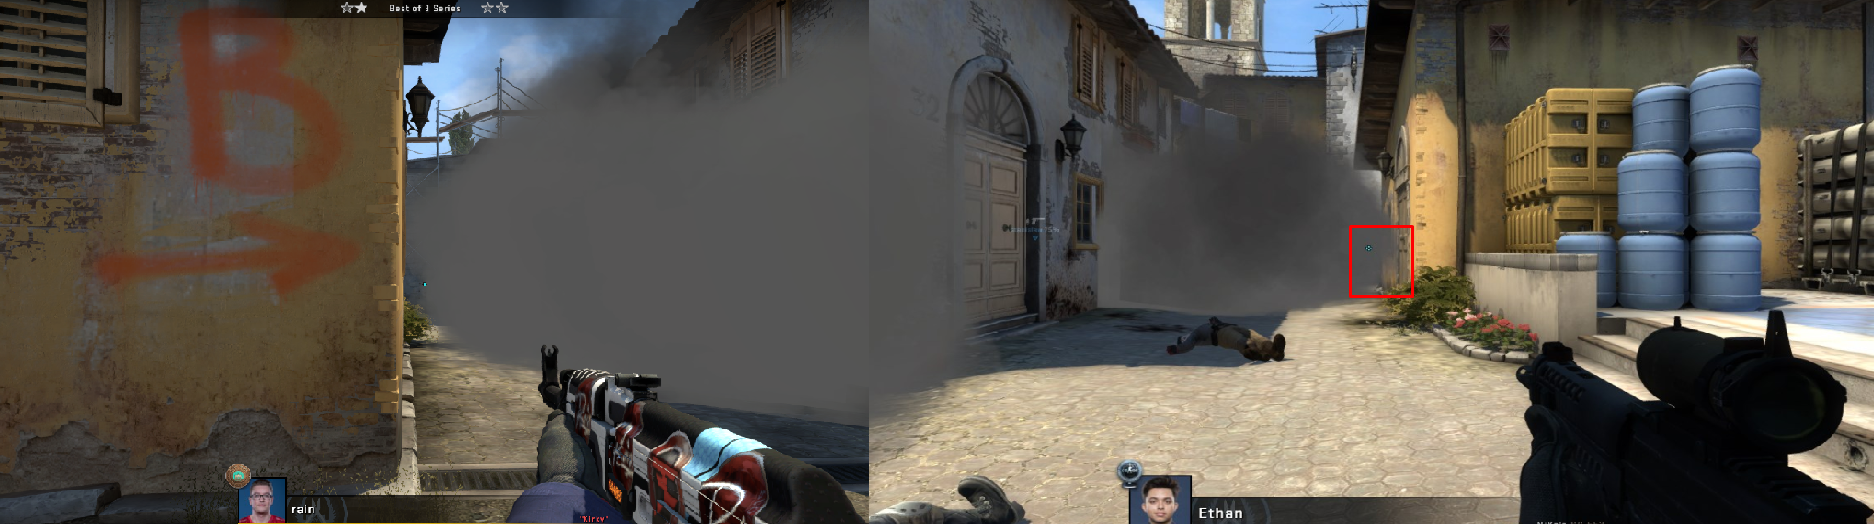 Une image montrant les vues des joueurs sur la carte avec la vue d'Ethans dans le coin droit